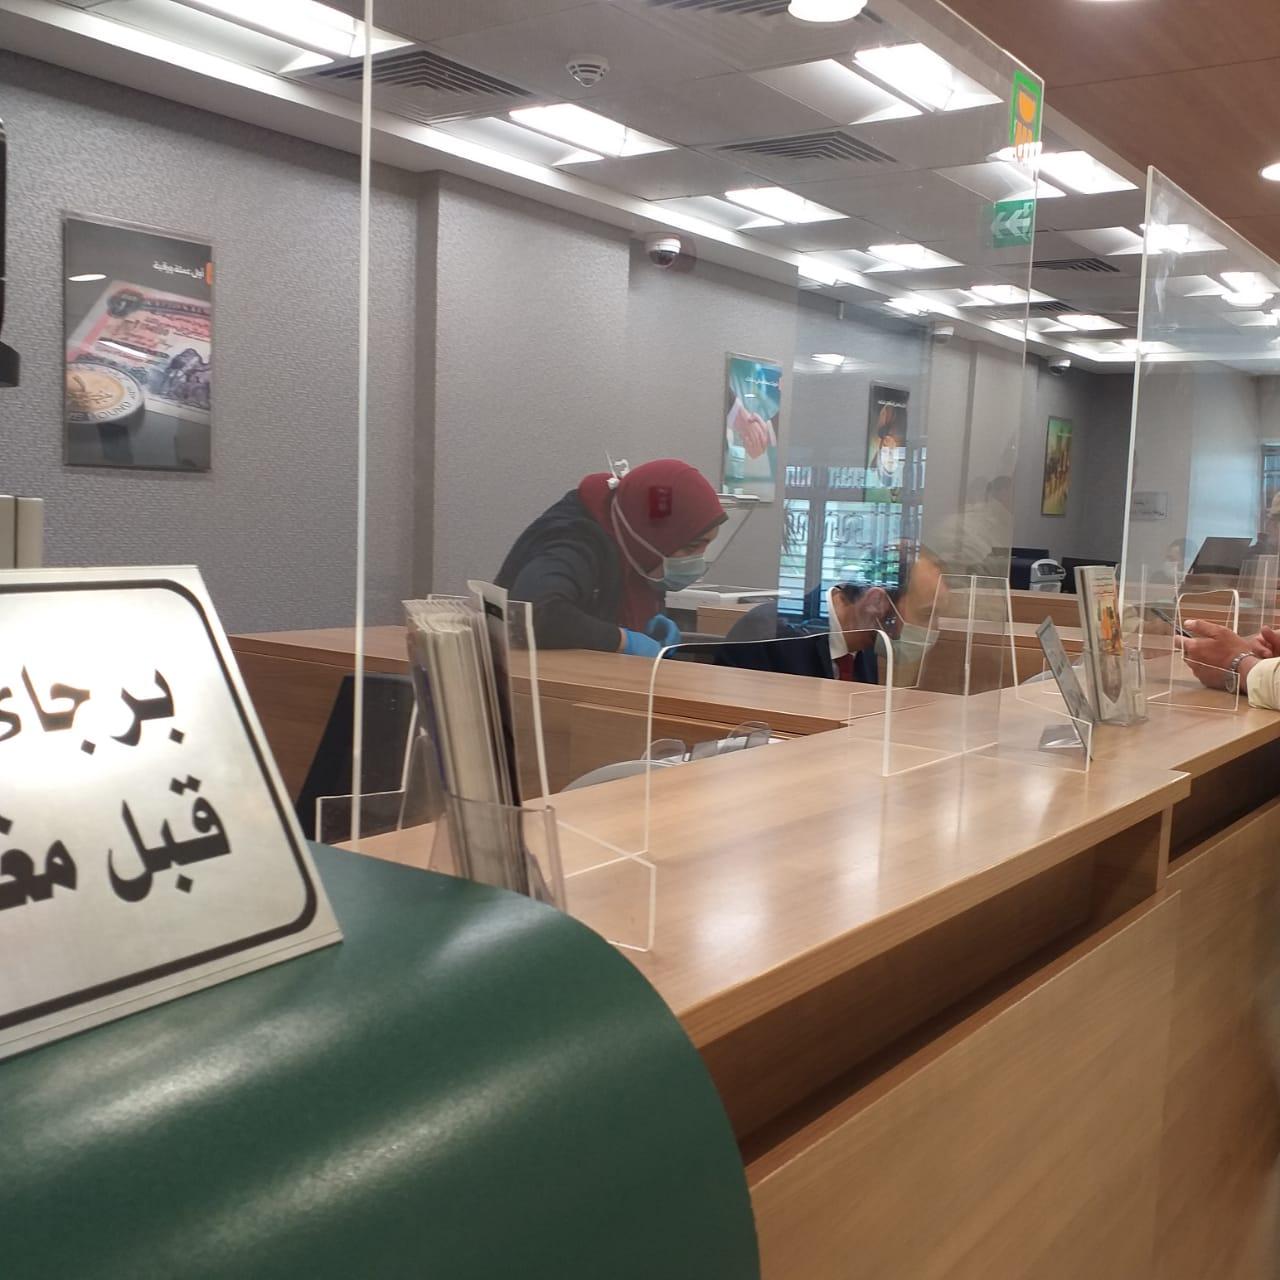 شرائح عازلة لكافة مكاتب خدمة العملاء والاستقبال